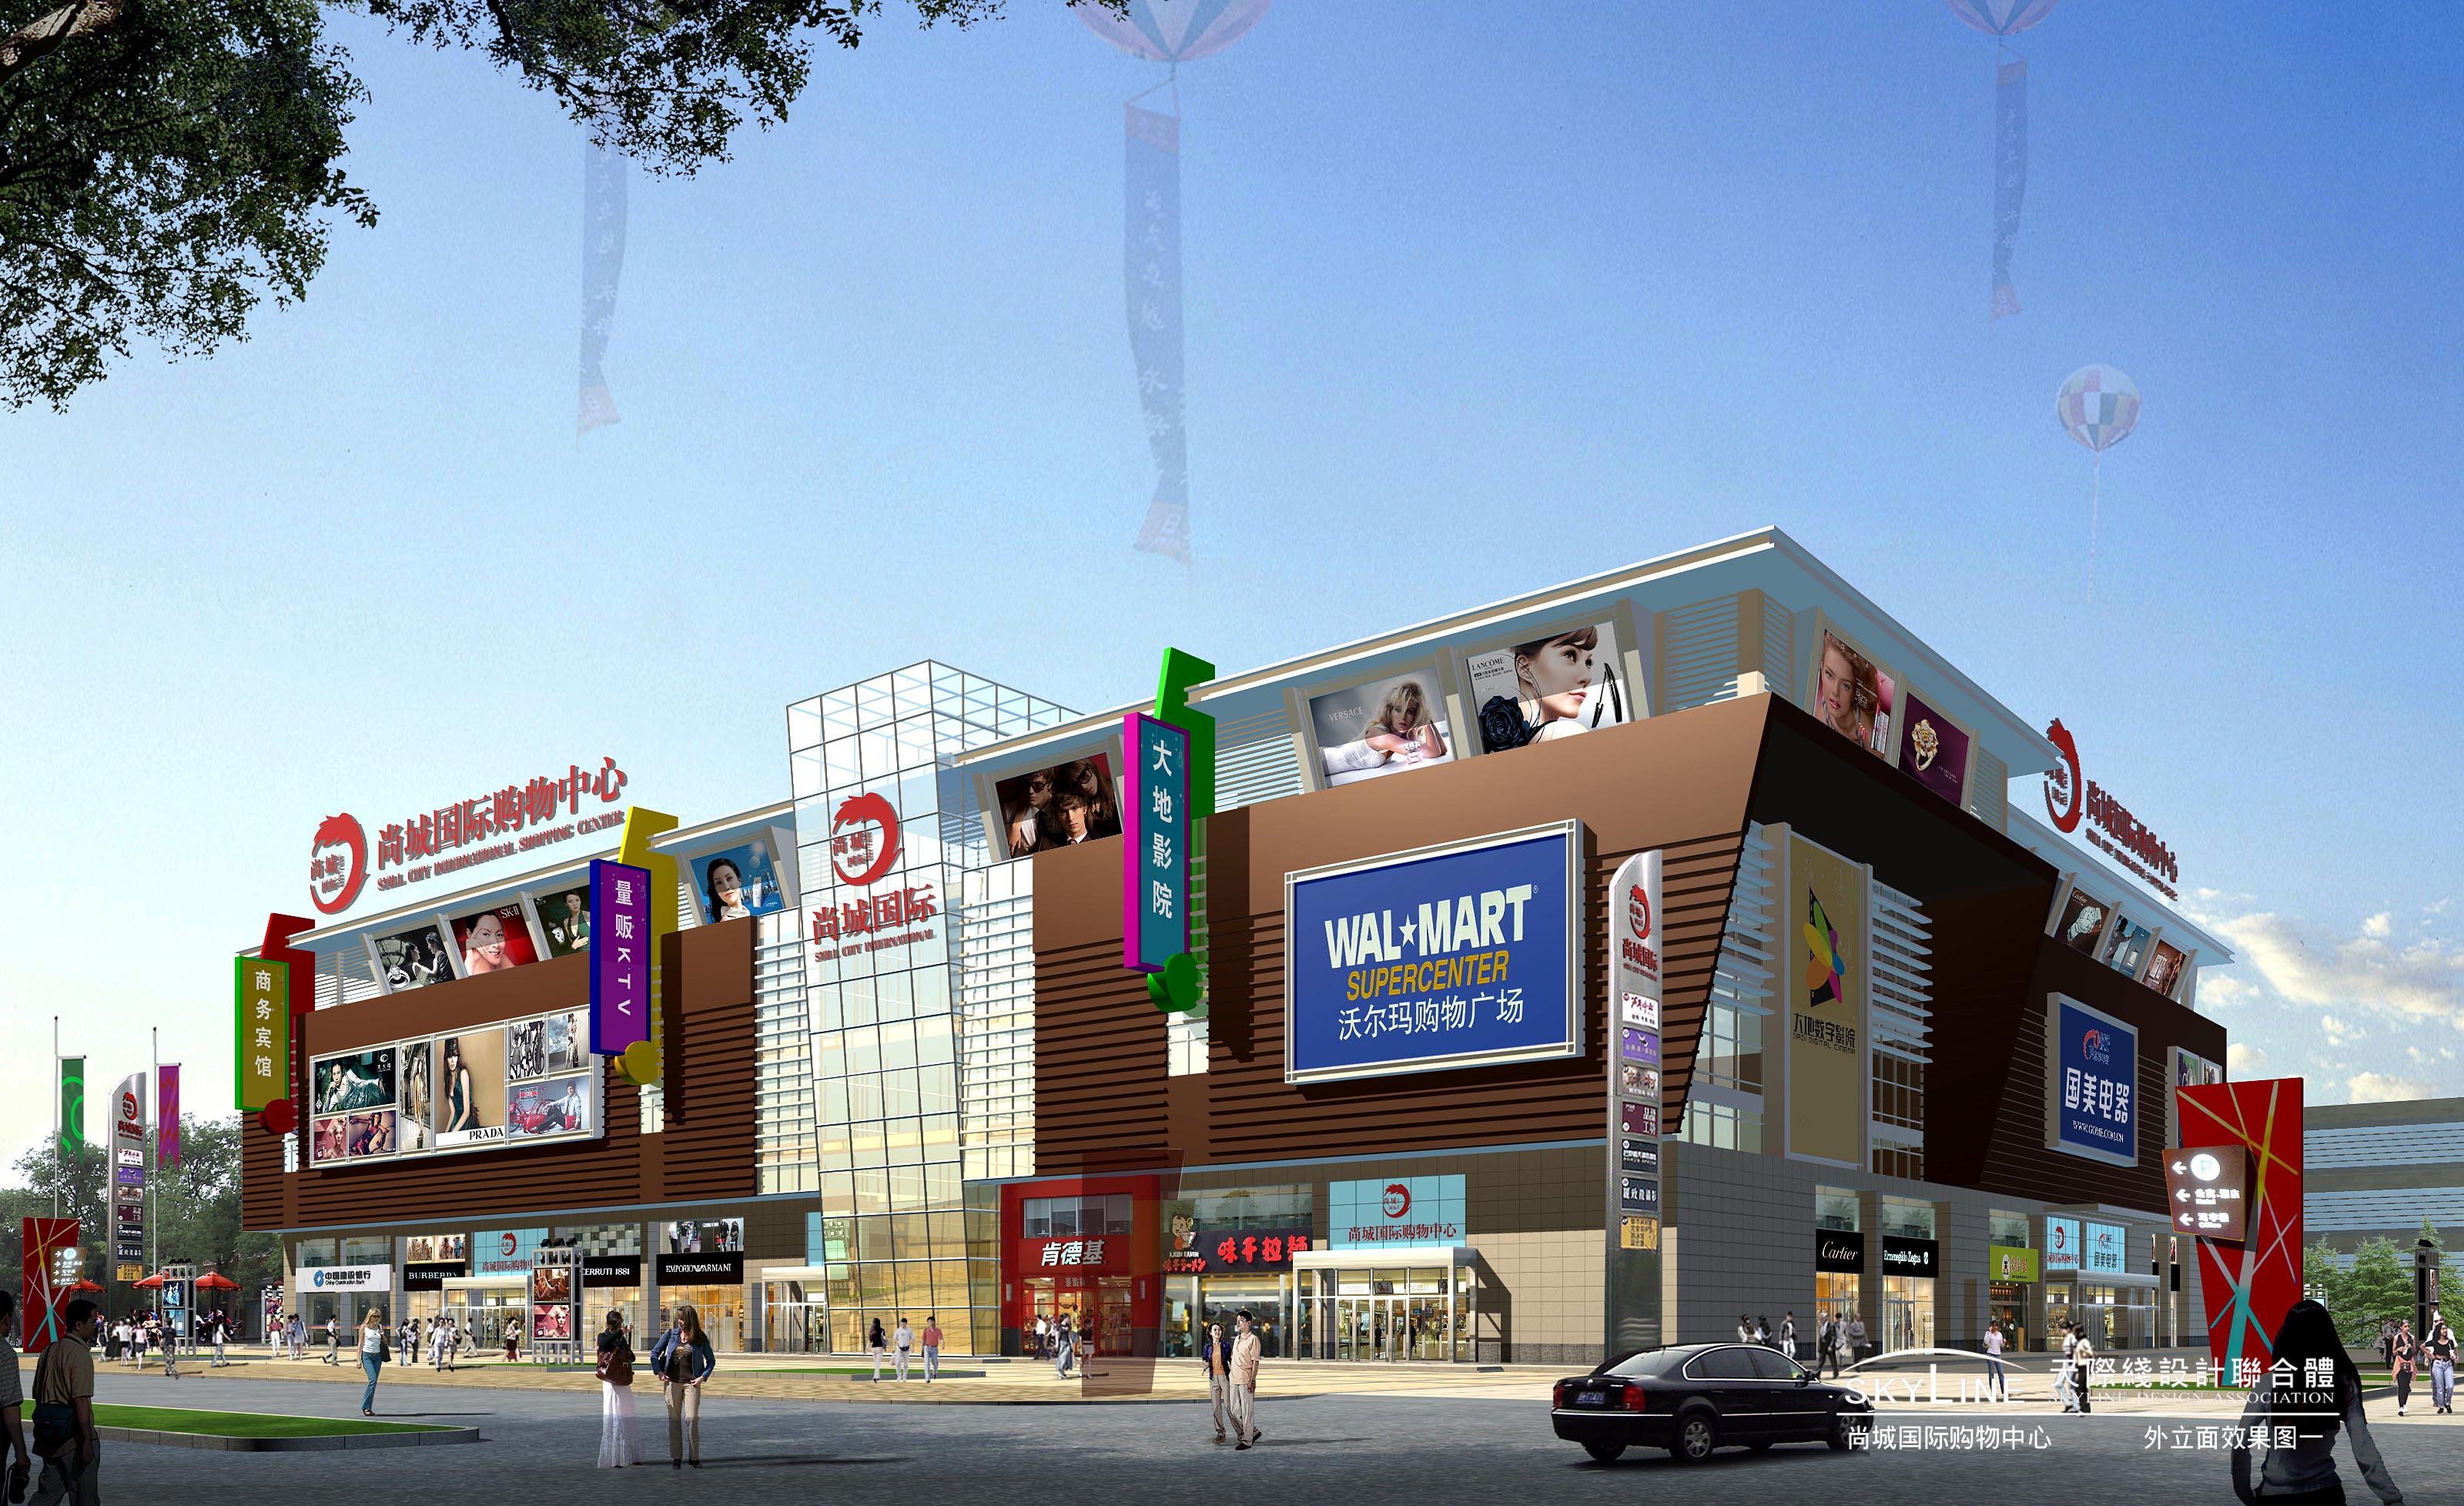 尚城国际购物广场(沃尔玛购物广场)